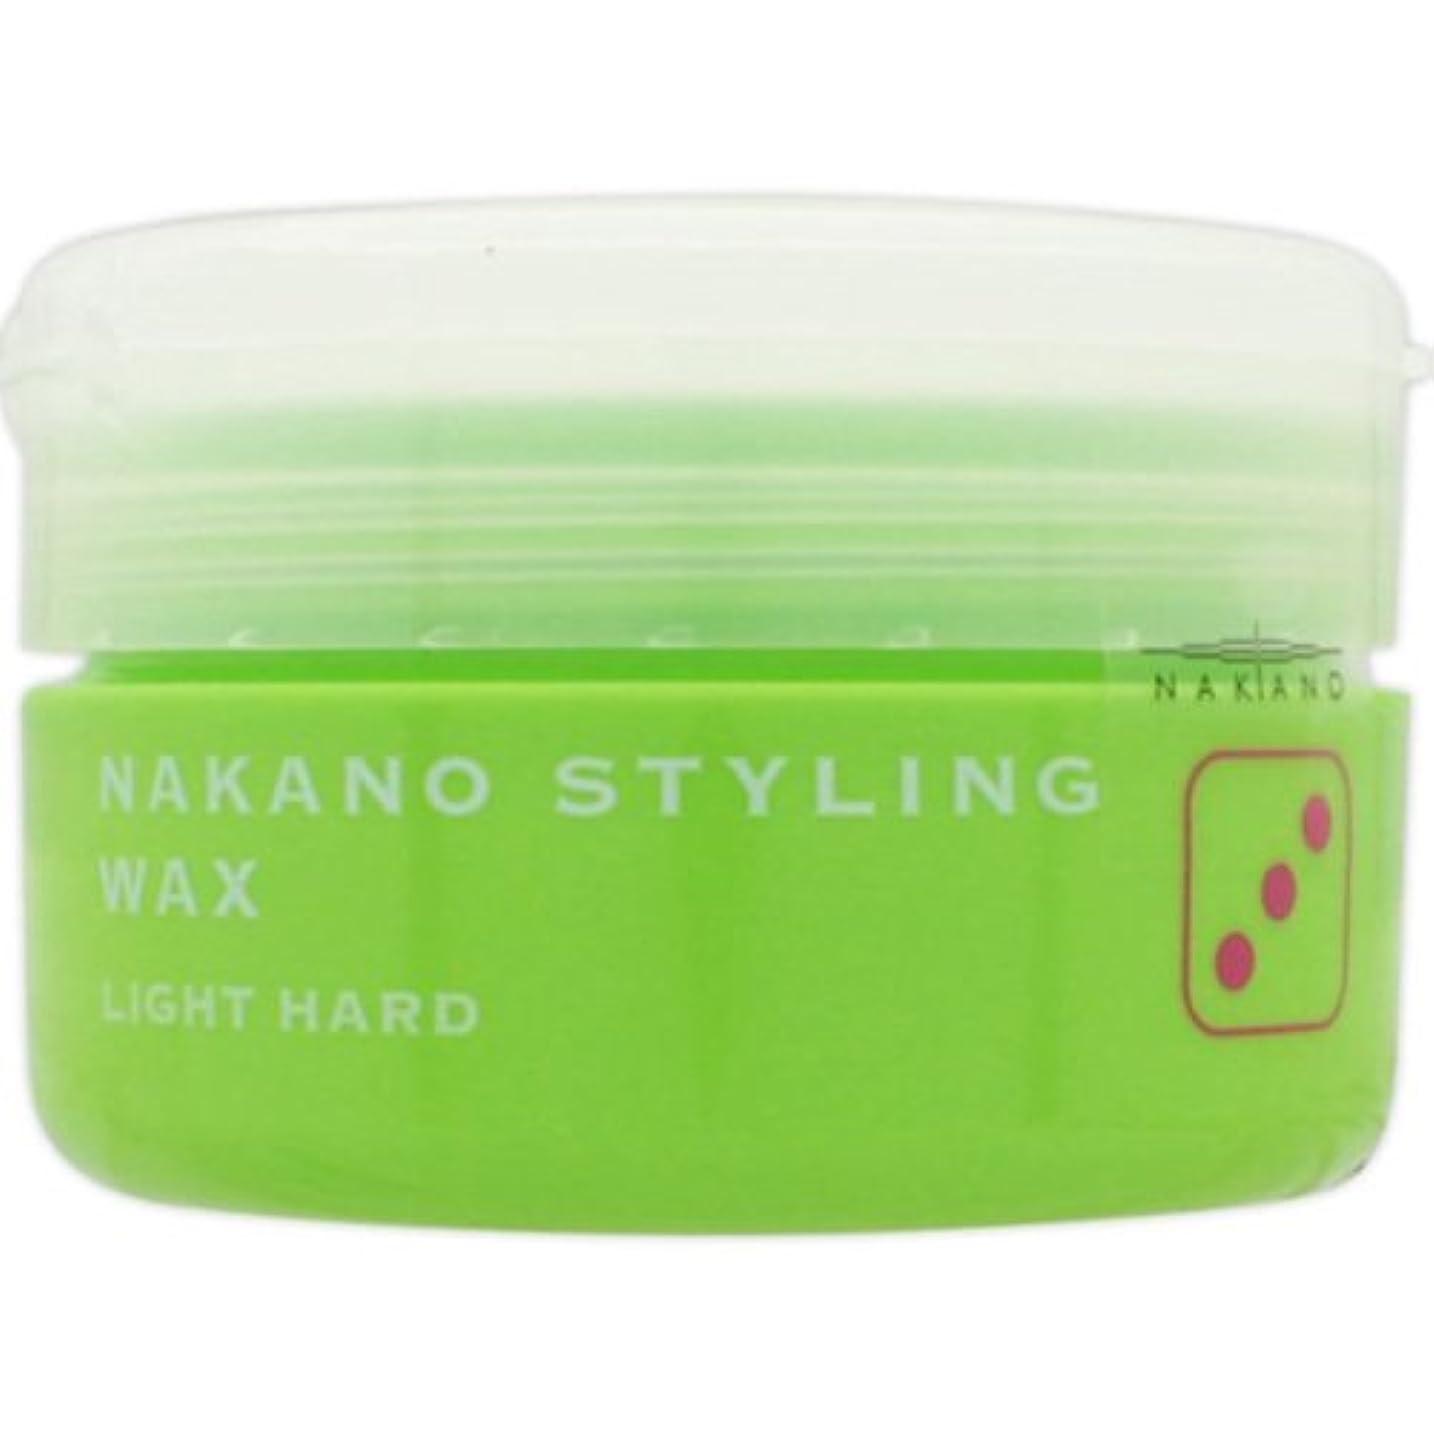 宿泊尋ねる資料ナカノ スタイリングワックス 3 ライトハード 90g 中野製薬 NAKANO